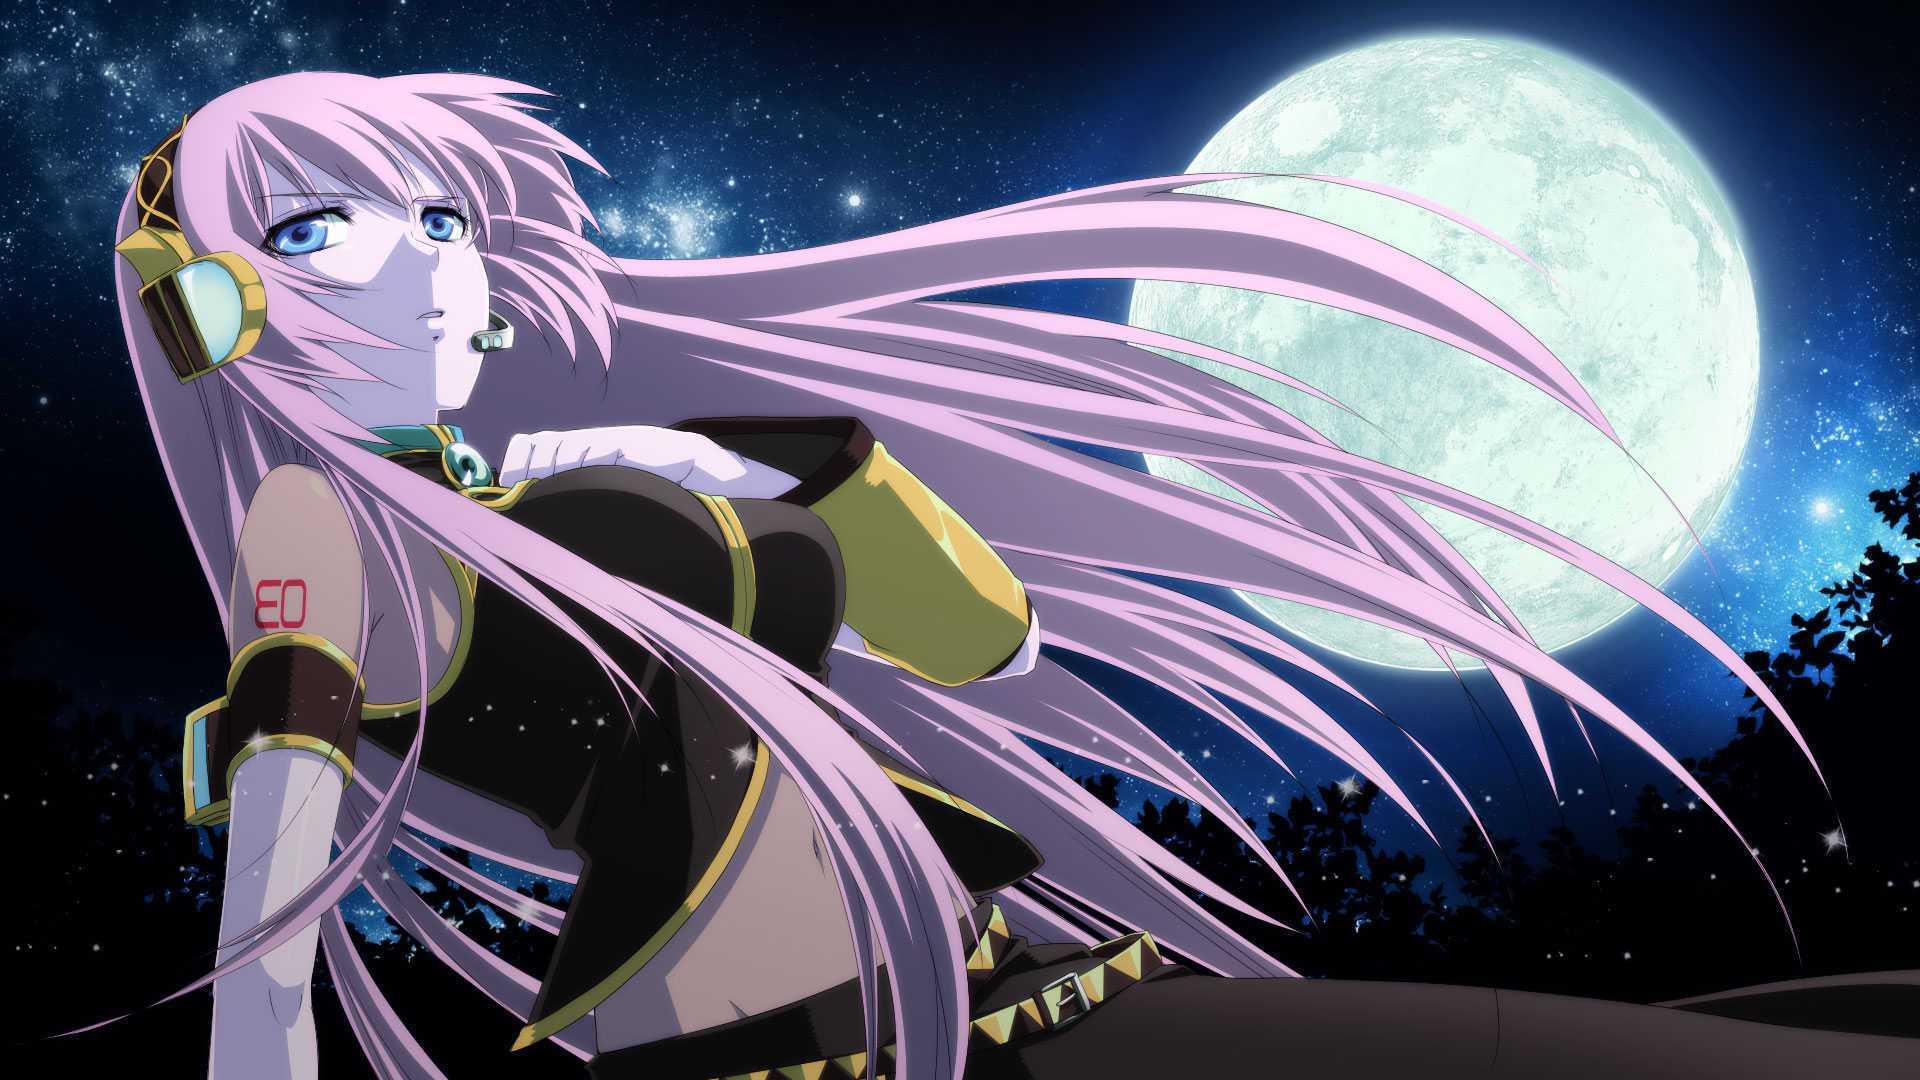 Best Hd Vocaloid Anime Wallpaper